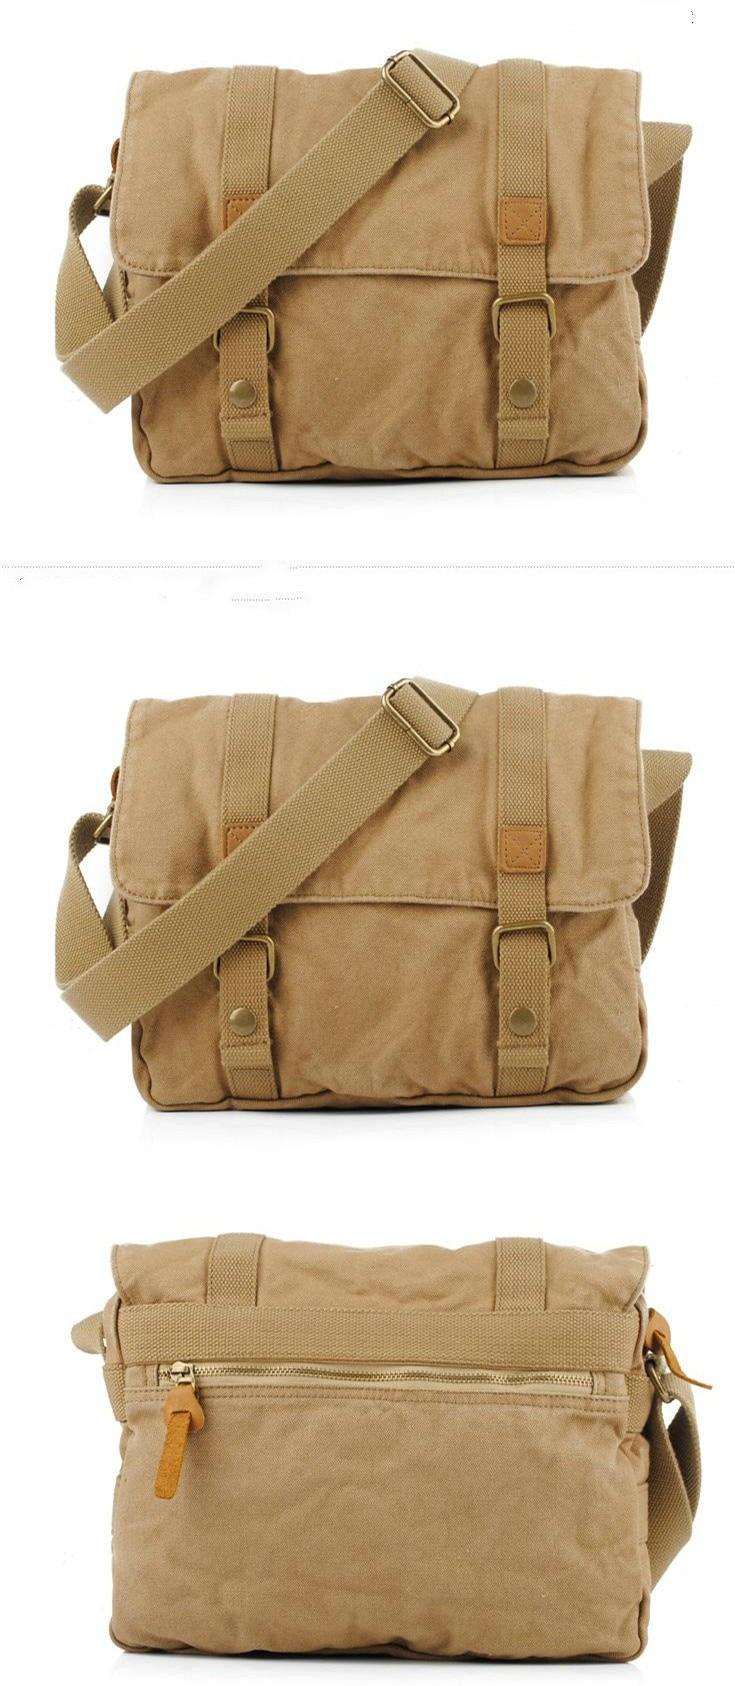 米軍仕様のメッセンジャーバッグ